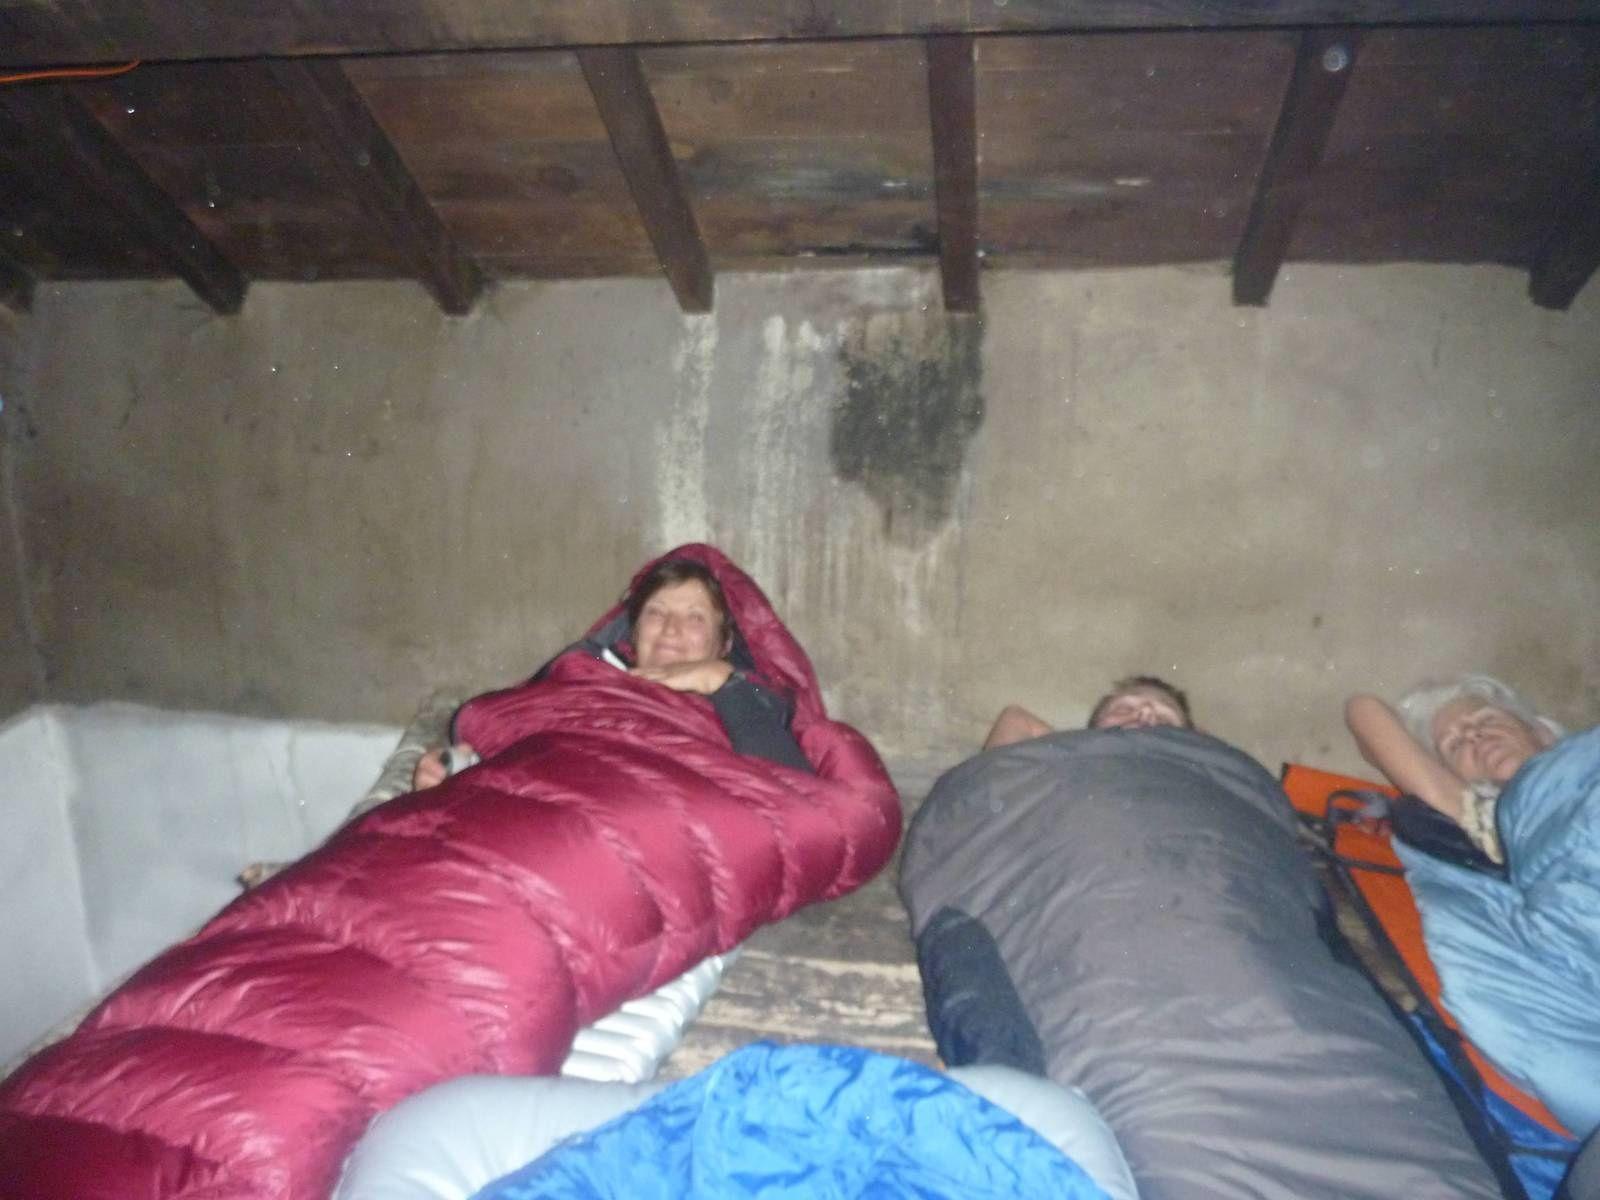 Aventures cévenoles (4) : Kayak sur le Tarn & rando sur le mont Lozère